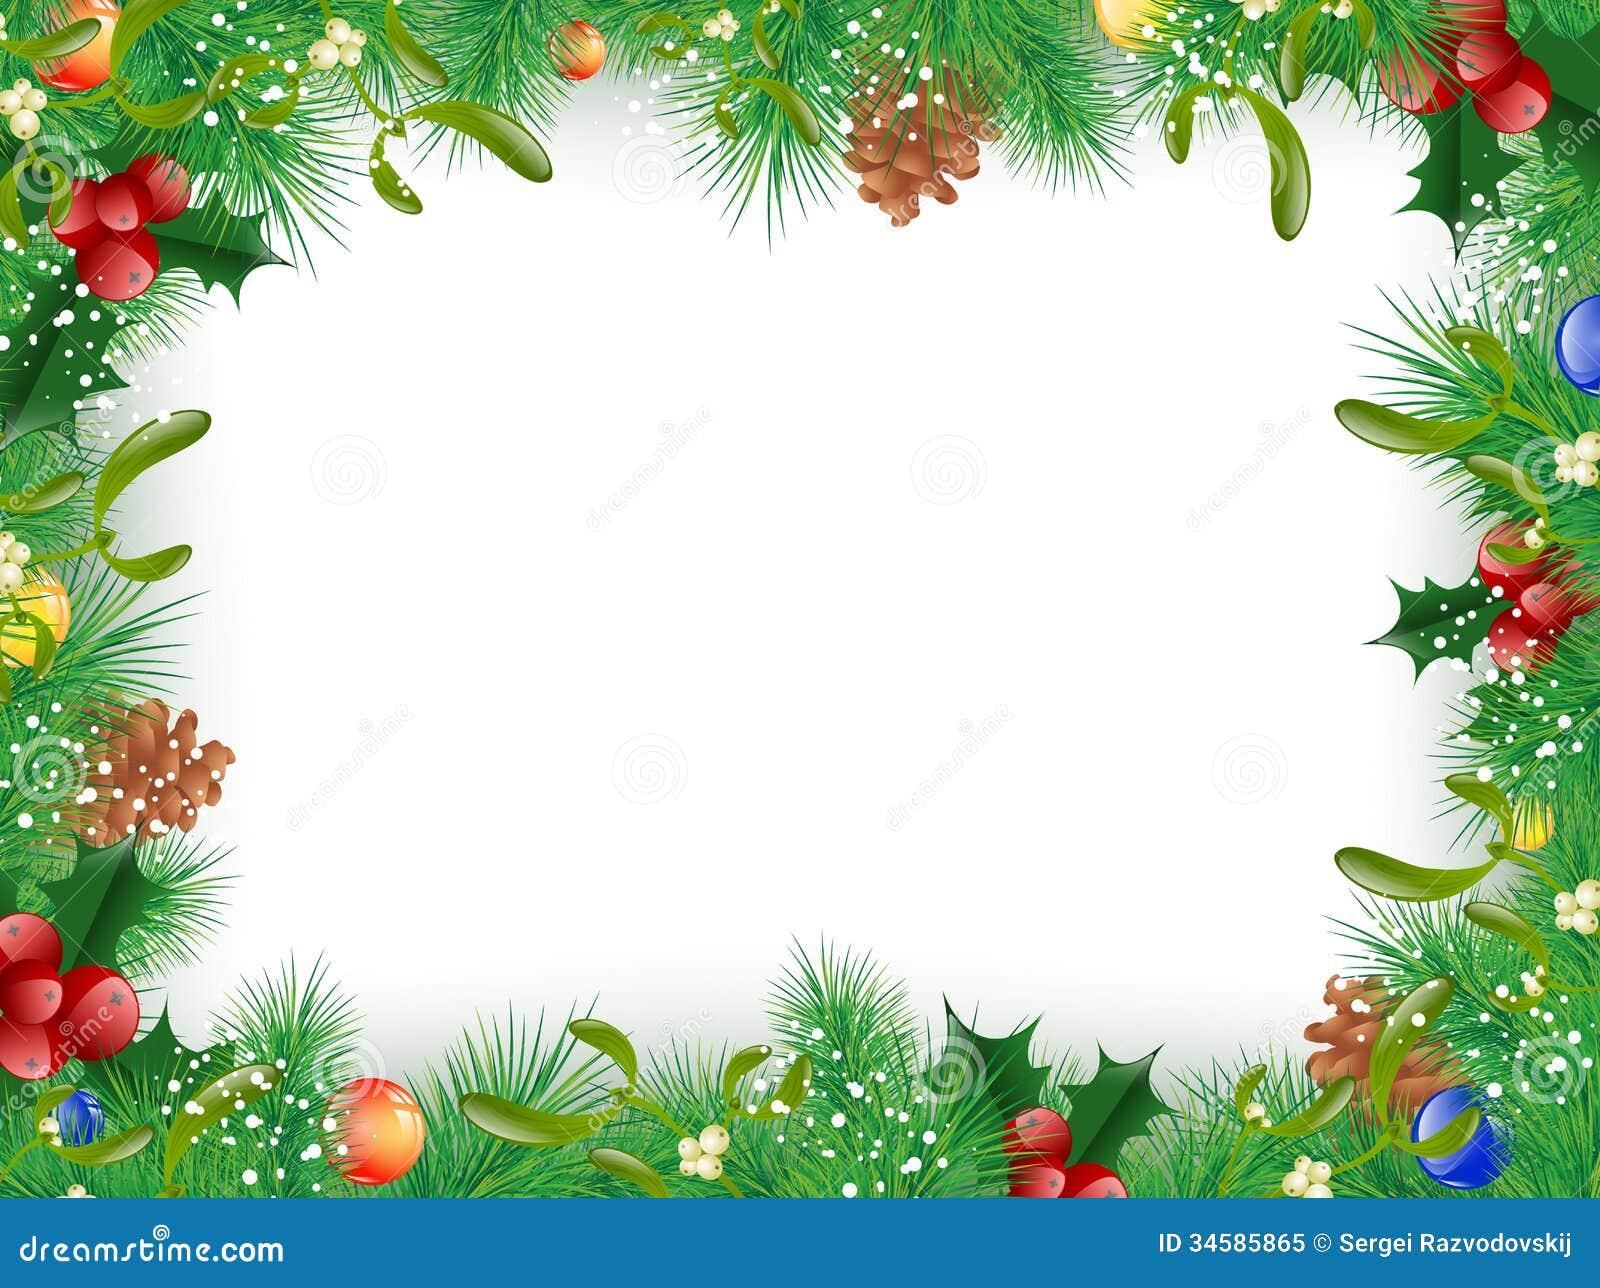 weihnachts und neues jahr rahmen vektor abbildung bild. Black Bedroom Furniture Sets. Home Design Ideas